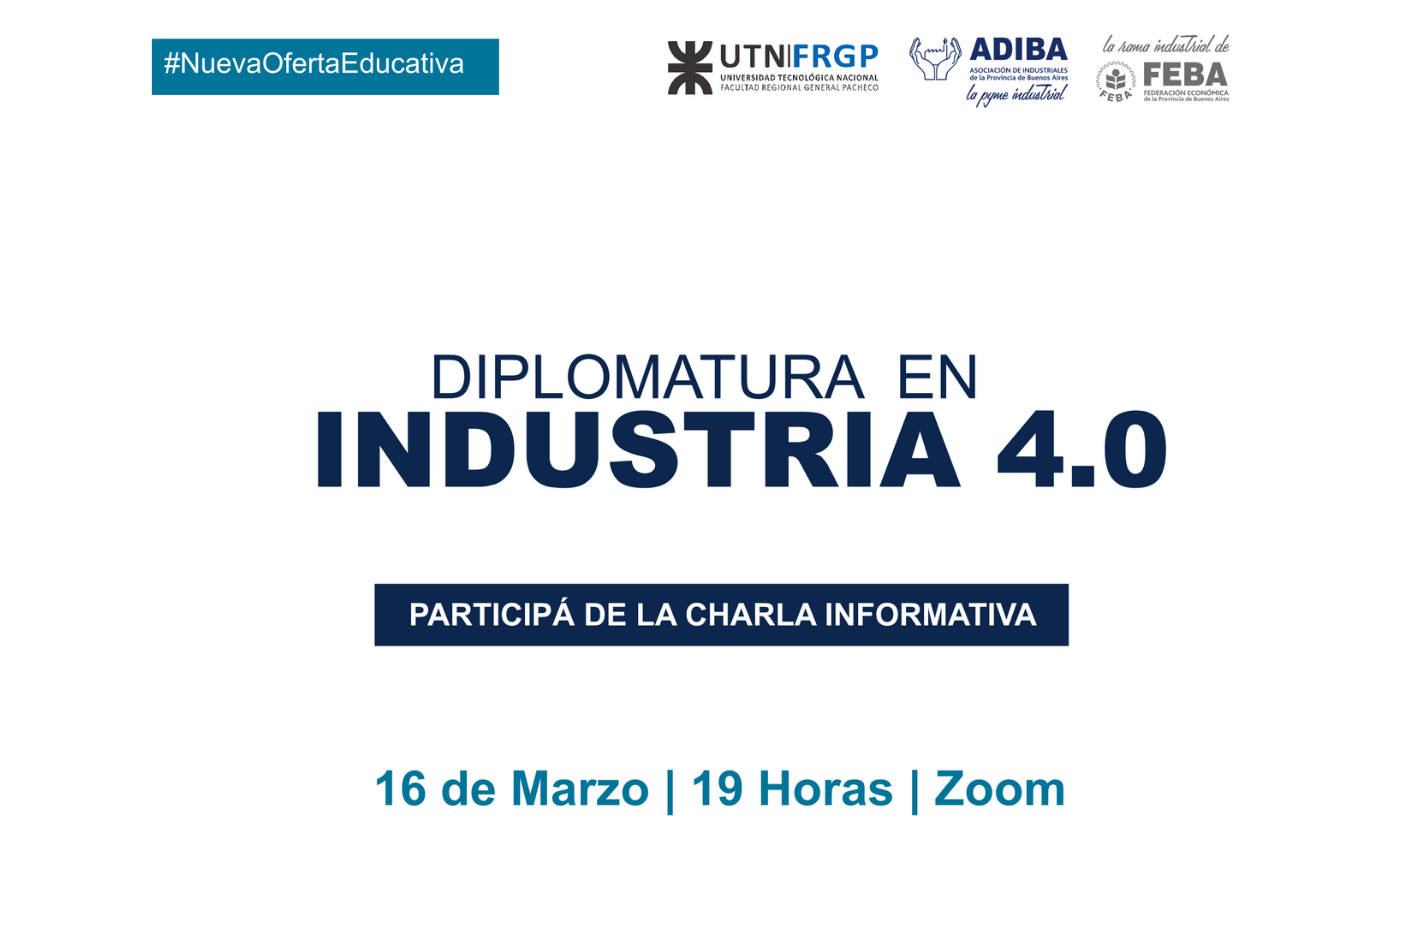 Charla Informativa: Diplomatura en Industria 4.0